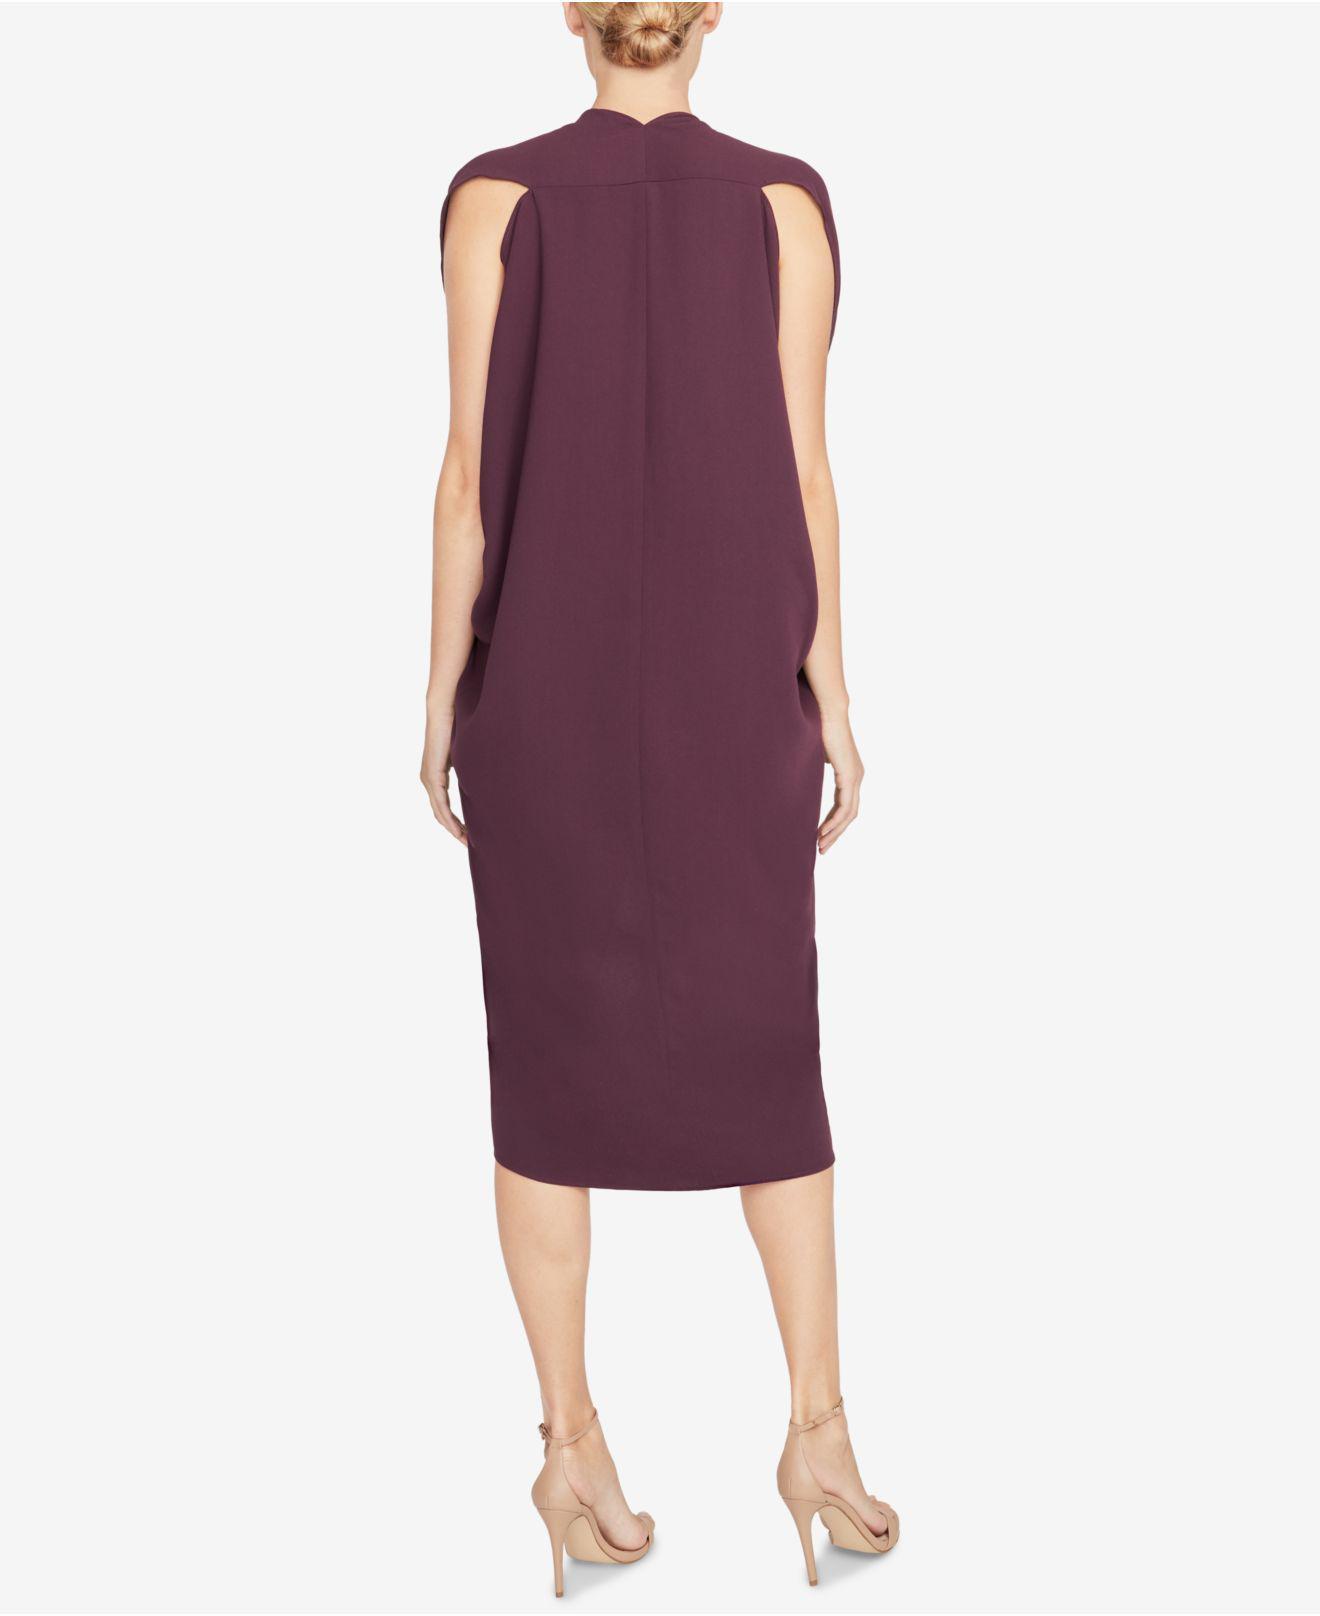 732081a67d5 Lyst - RACHEL Rachel Roy Caftan Dress